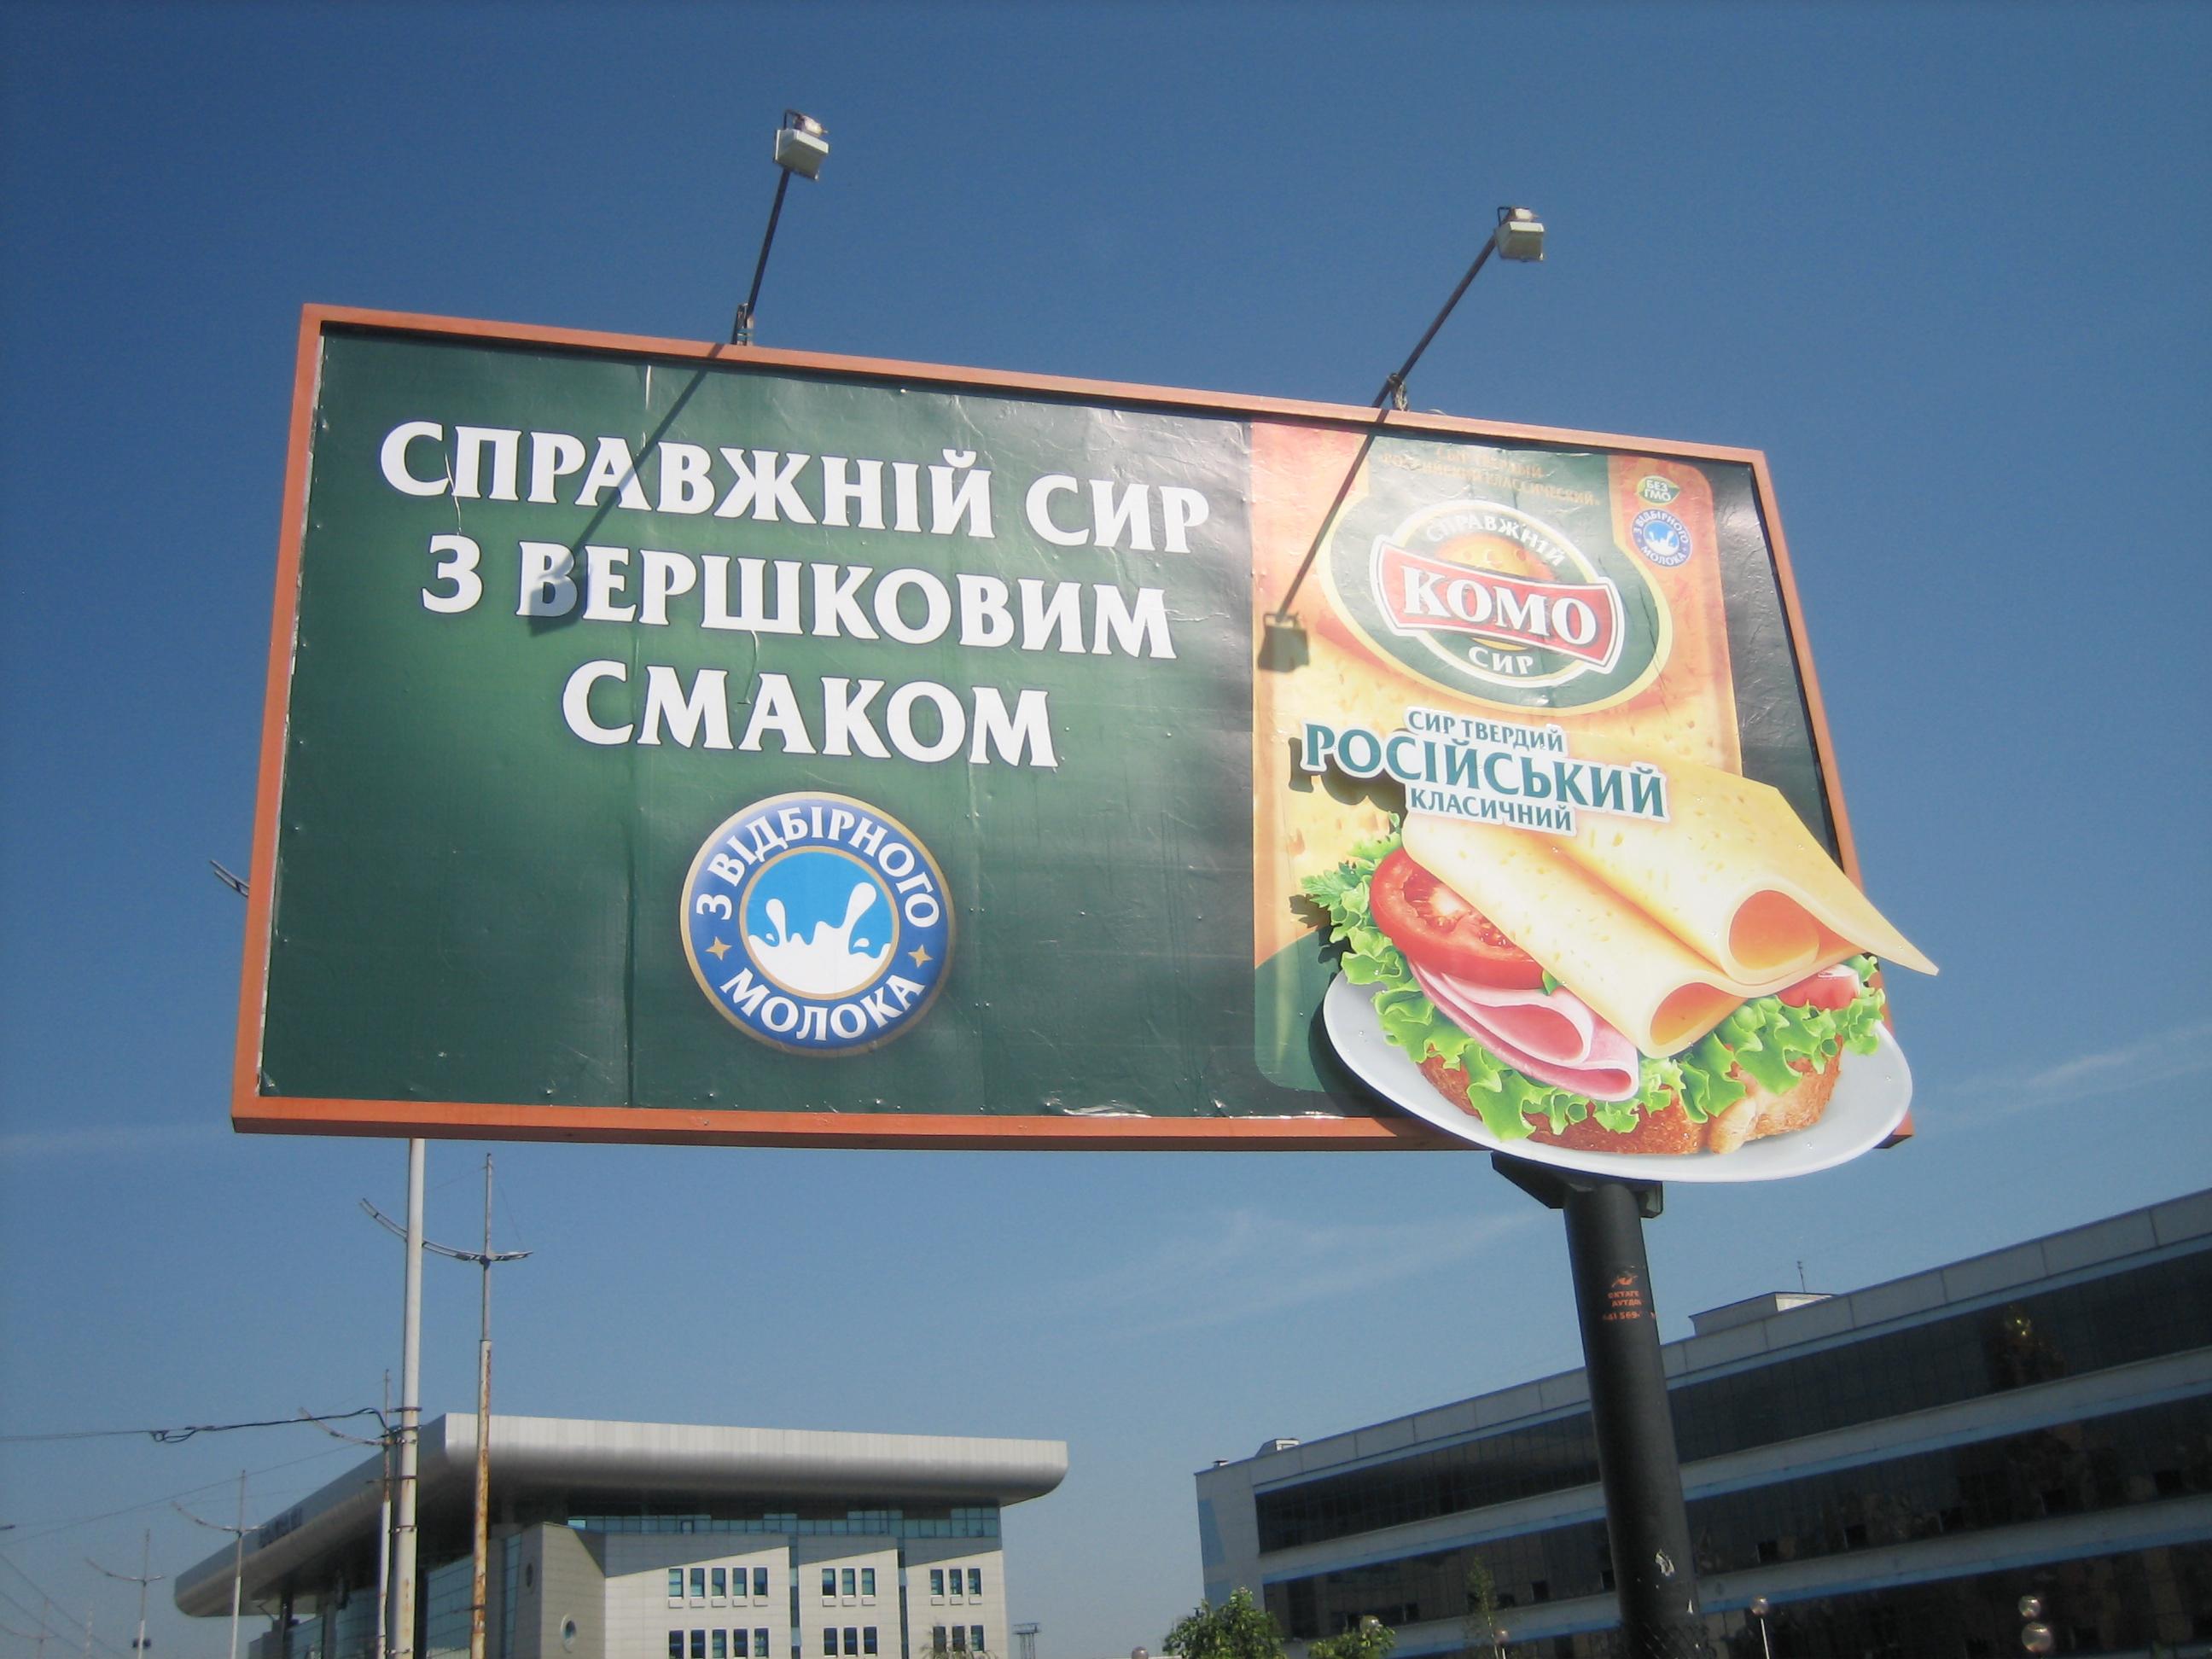 Товар будет реклама рекламации на китайский товар